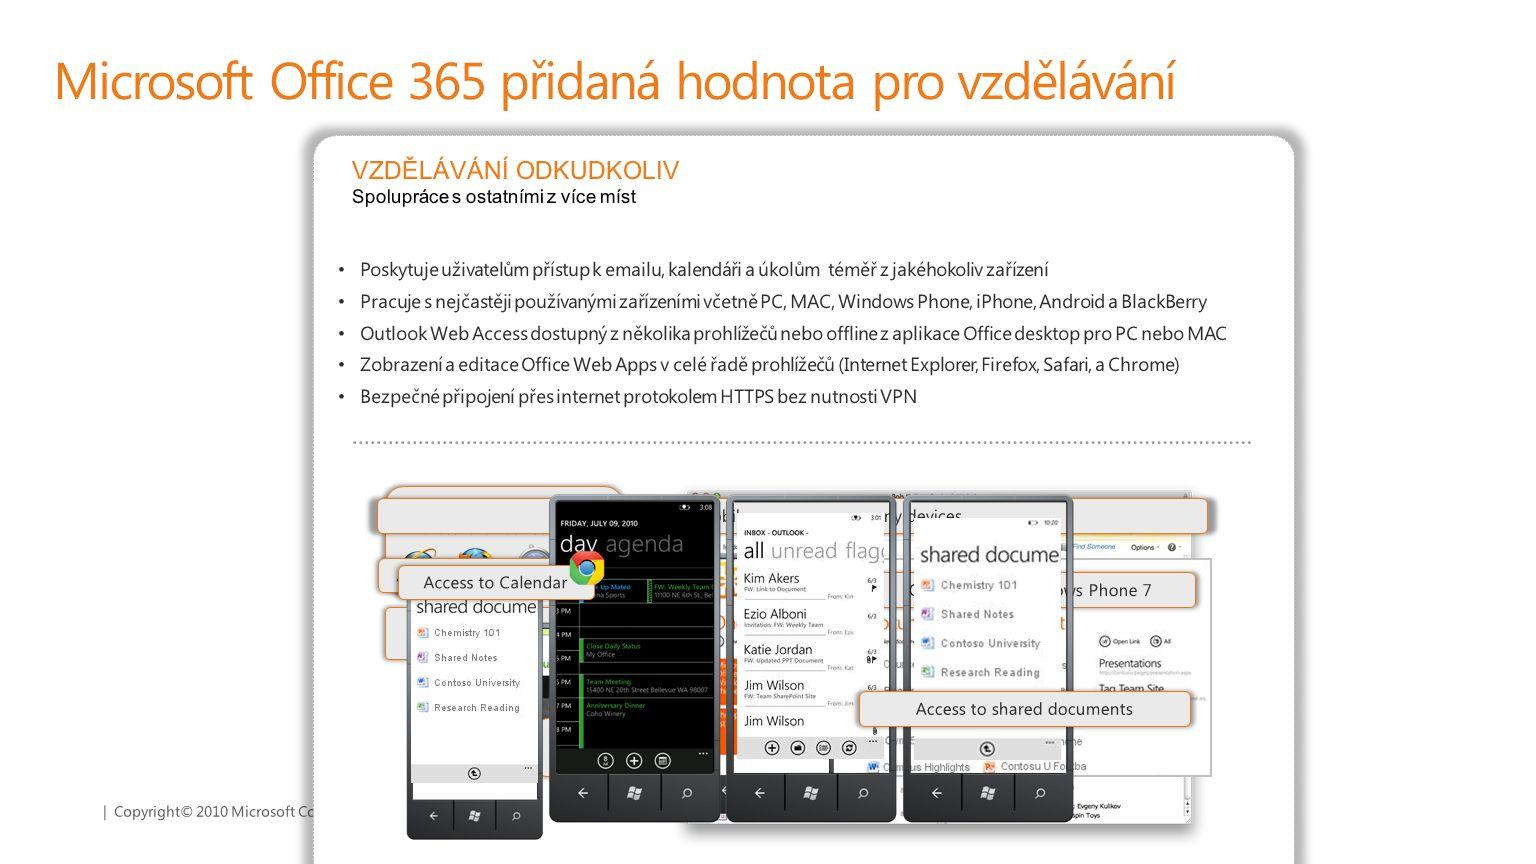 | Copyright© 2010 Microsoft Corporation Microsoft Office 365 přidaná hodnota pro vzdělávání Poskytuje uživatelům přístup k emailu, kalendáři a úkolům